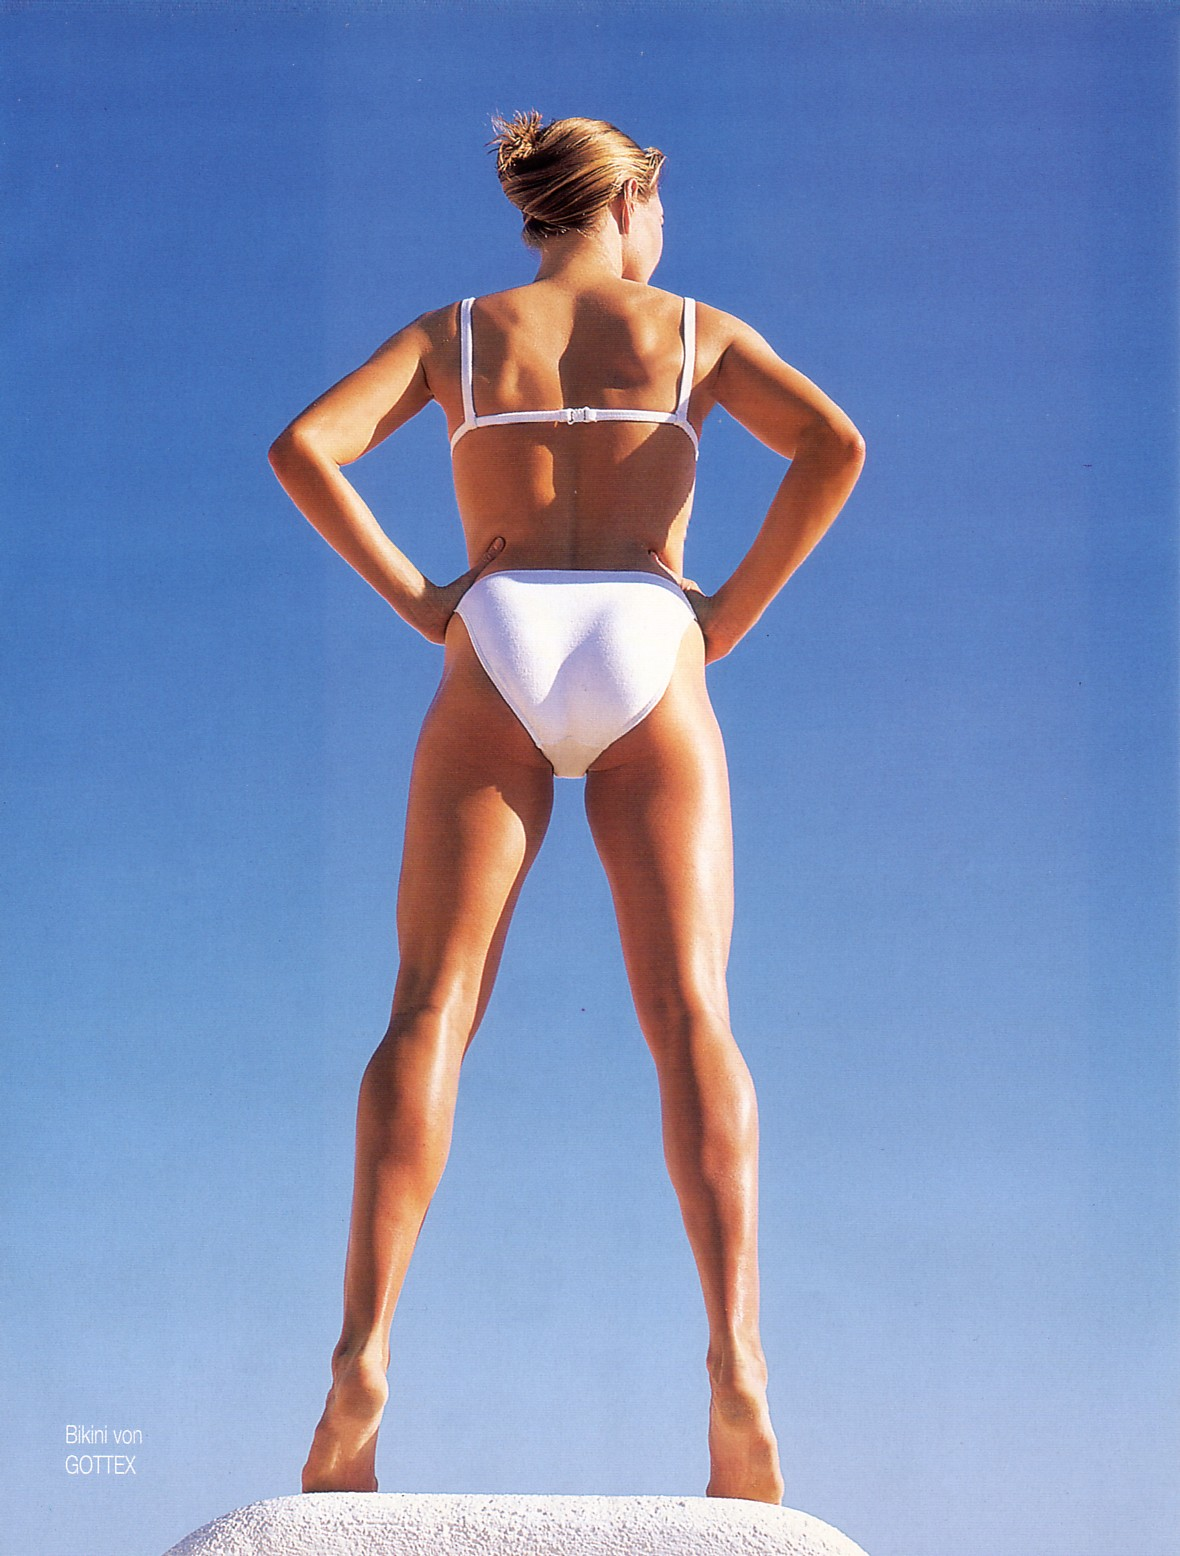 http://4.bp.blogspot.com/-83-NoYA5o3g/TiI7uE5SfYI/AAAAAAAAE4c/k4dmyTDXbsU/s1600/Steffi-Graf-Feet-116682.jpg